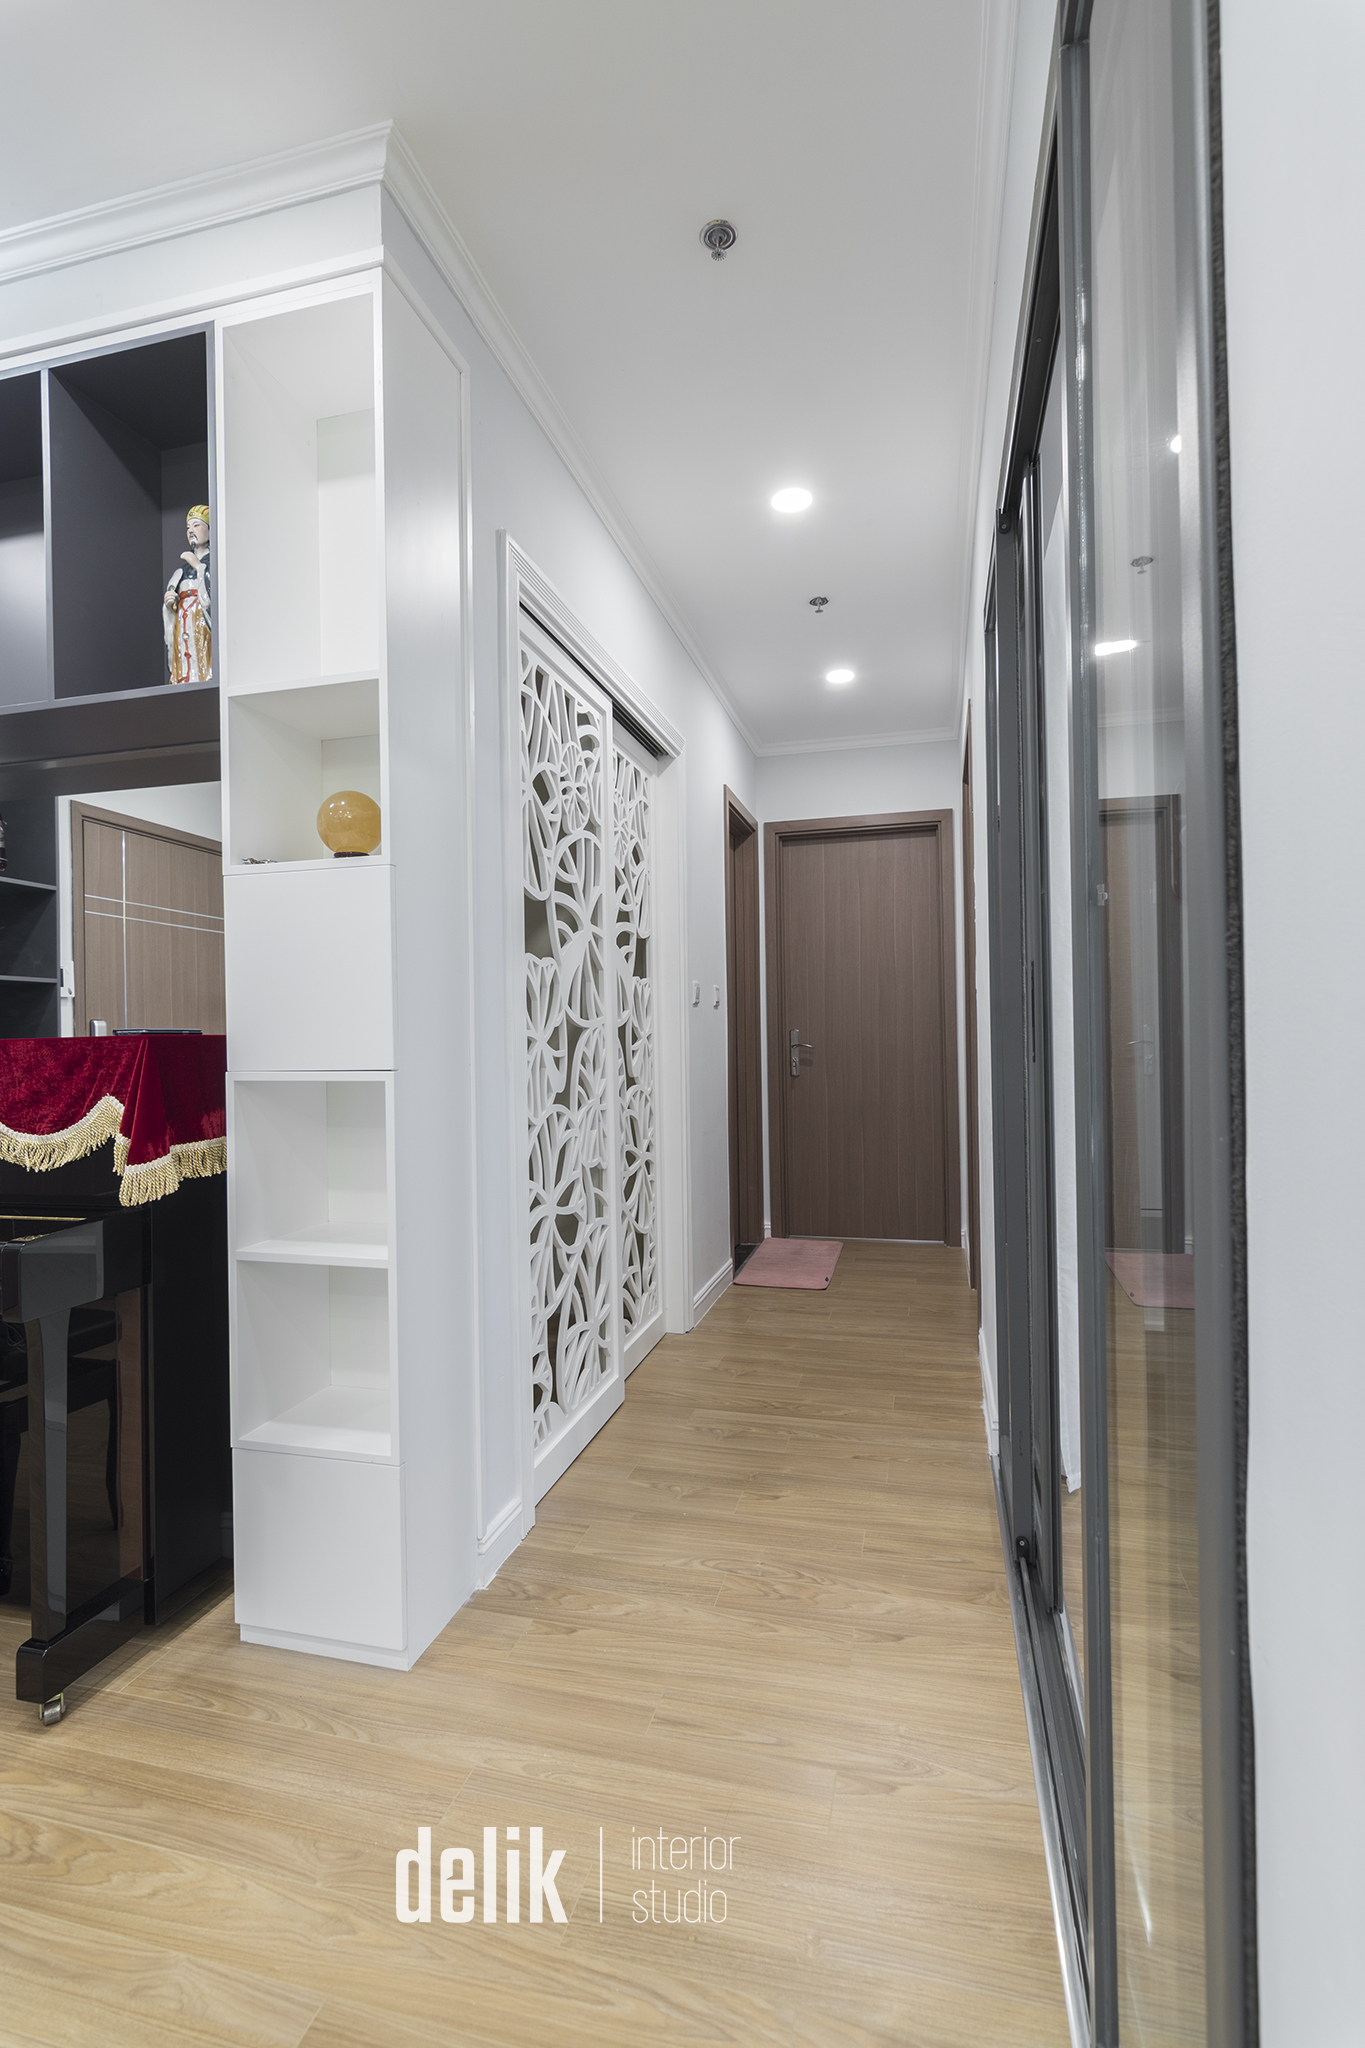 thiết kế nội thất chung cư tại Hà Nội Vinhomes Gardenia 5 1547478868